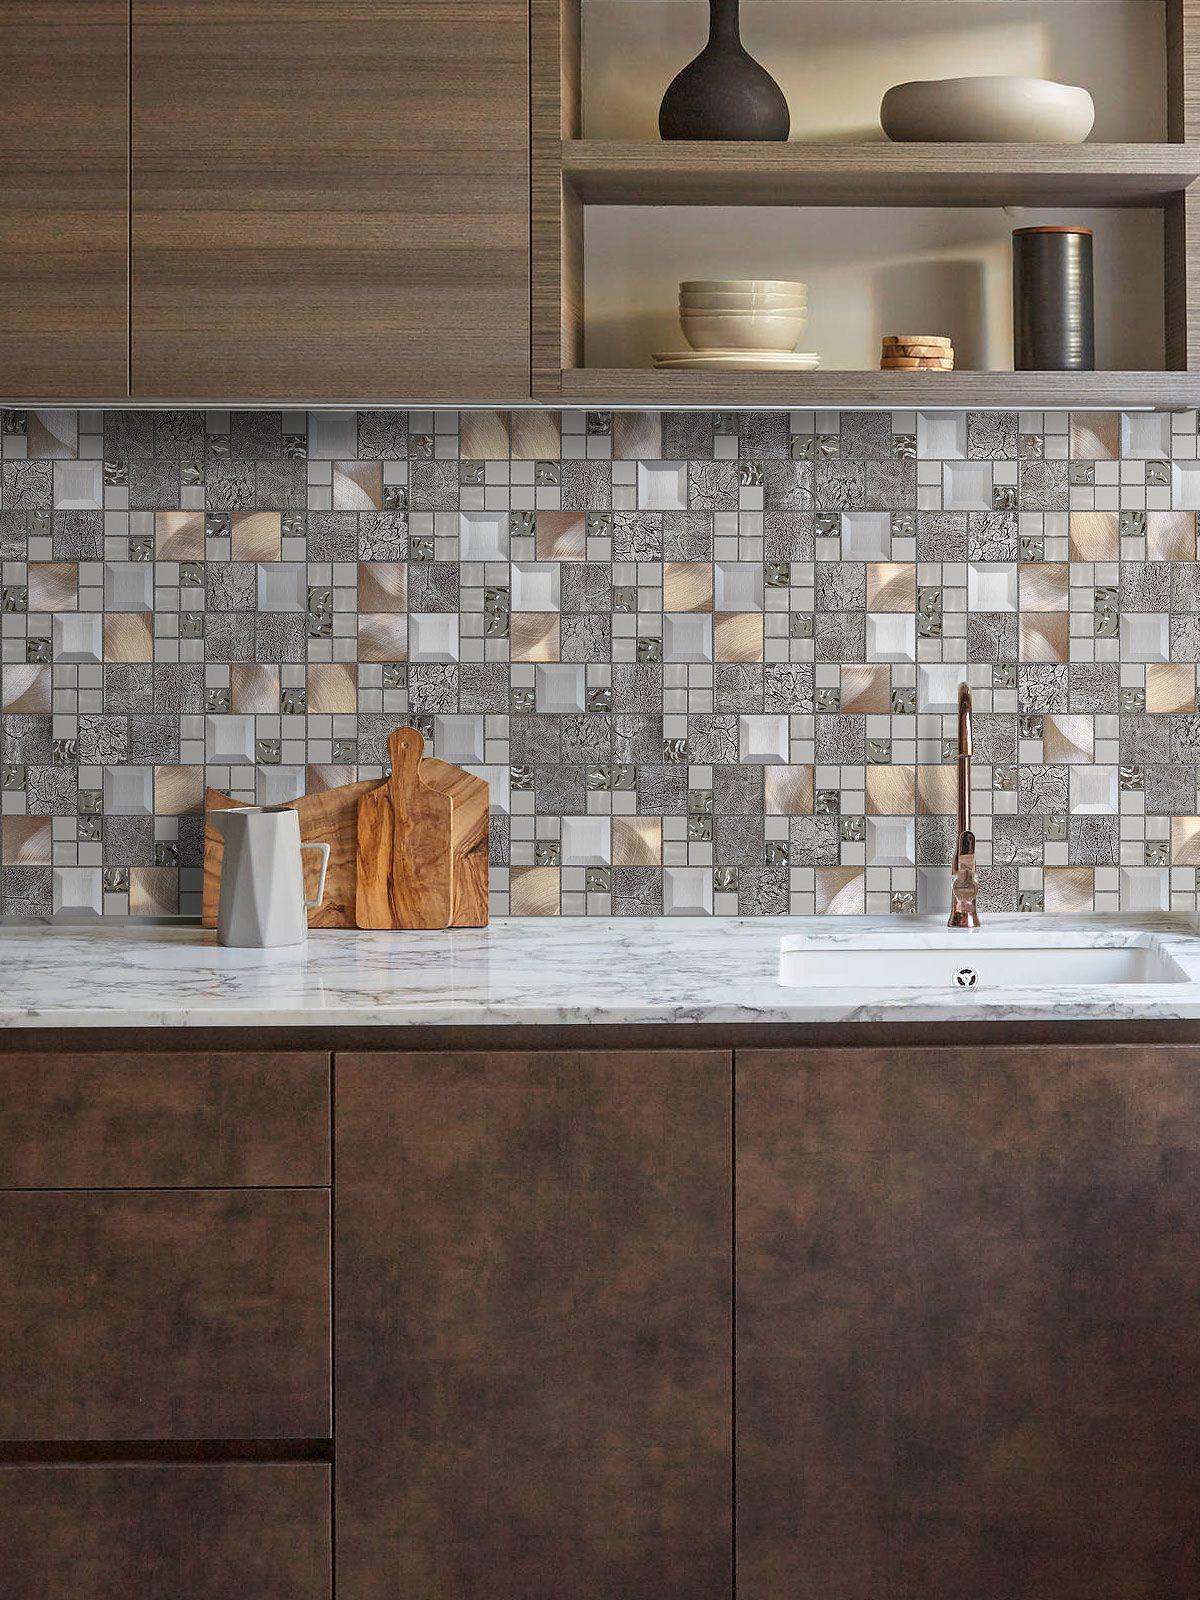 Glass Metal Gray Copper Mosaic Backsplash Tile Backsplash Com Copper Mosaic Backsplash Metallic Backsplash Kitchen Backsplash Trends